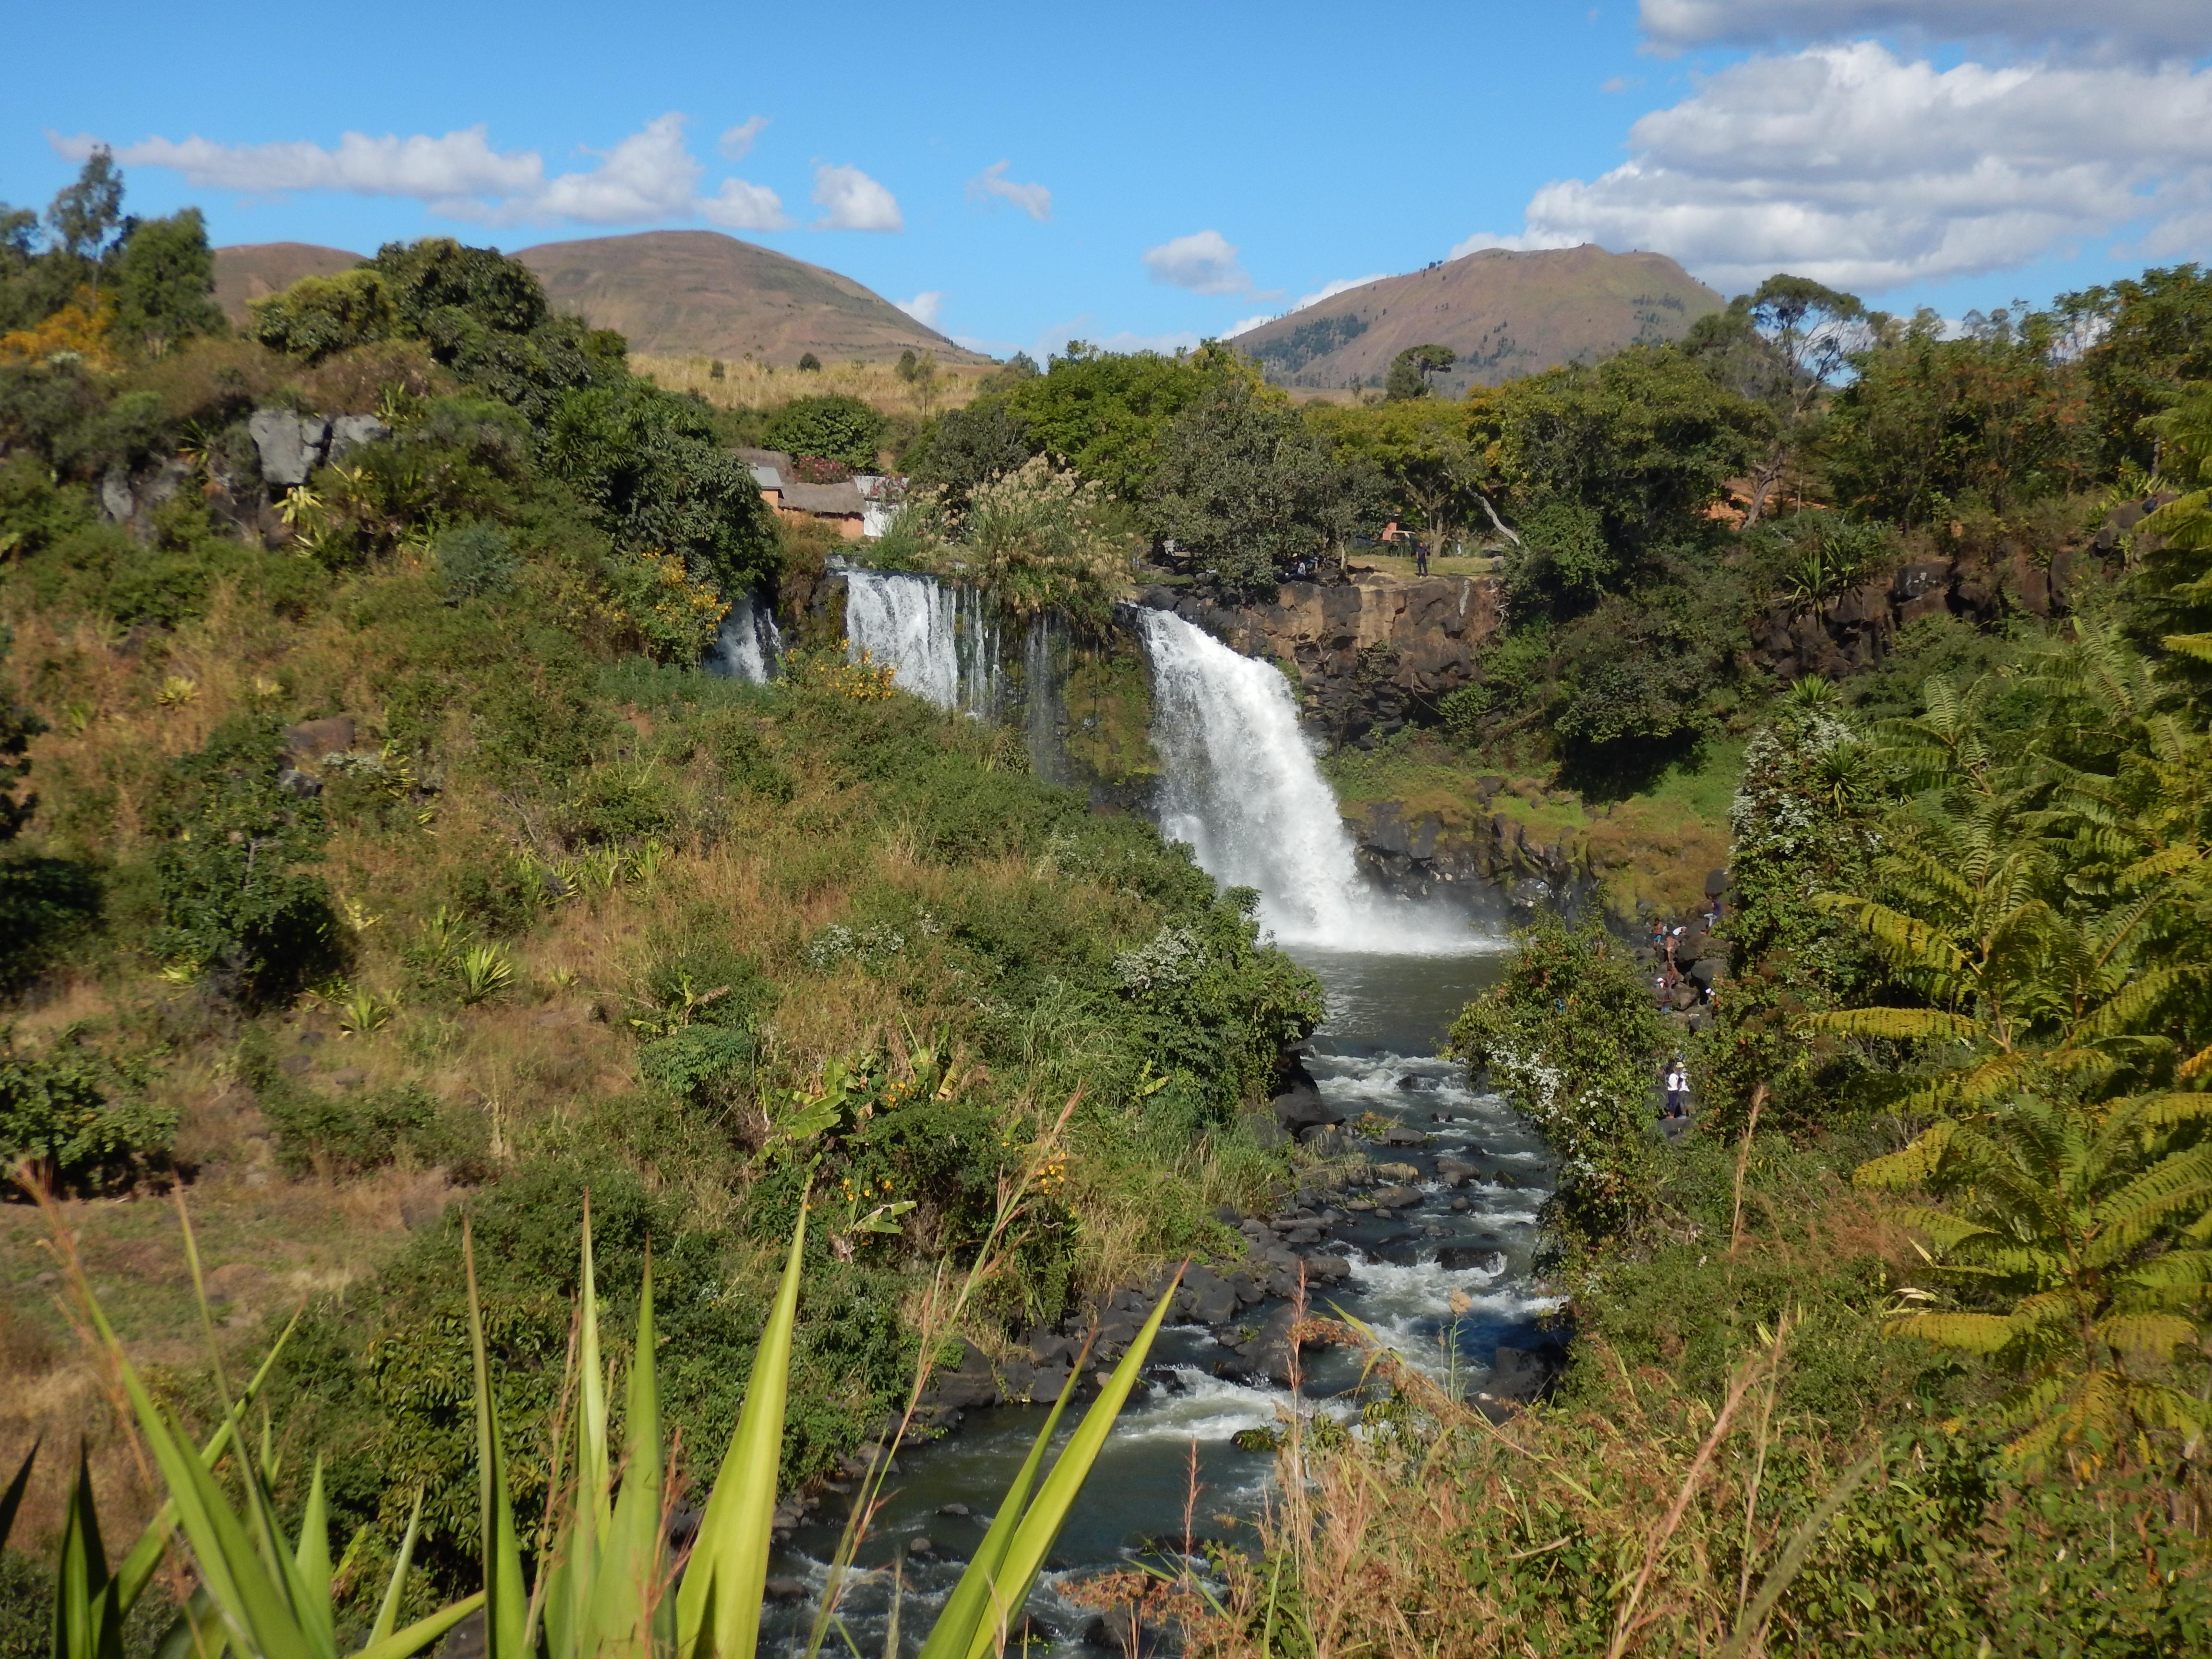 Aussicht zum Wasserfall Lily in Ampefy